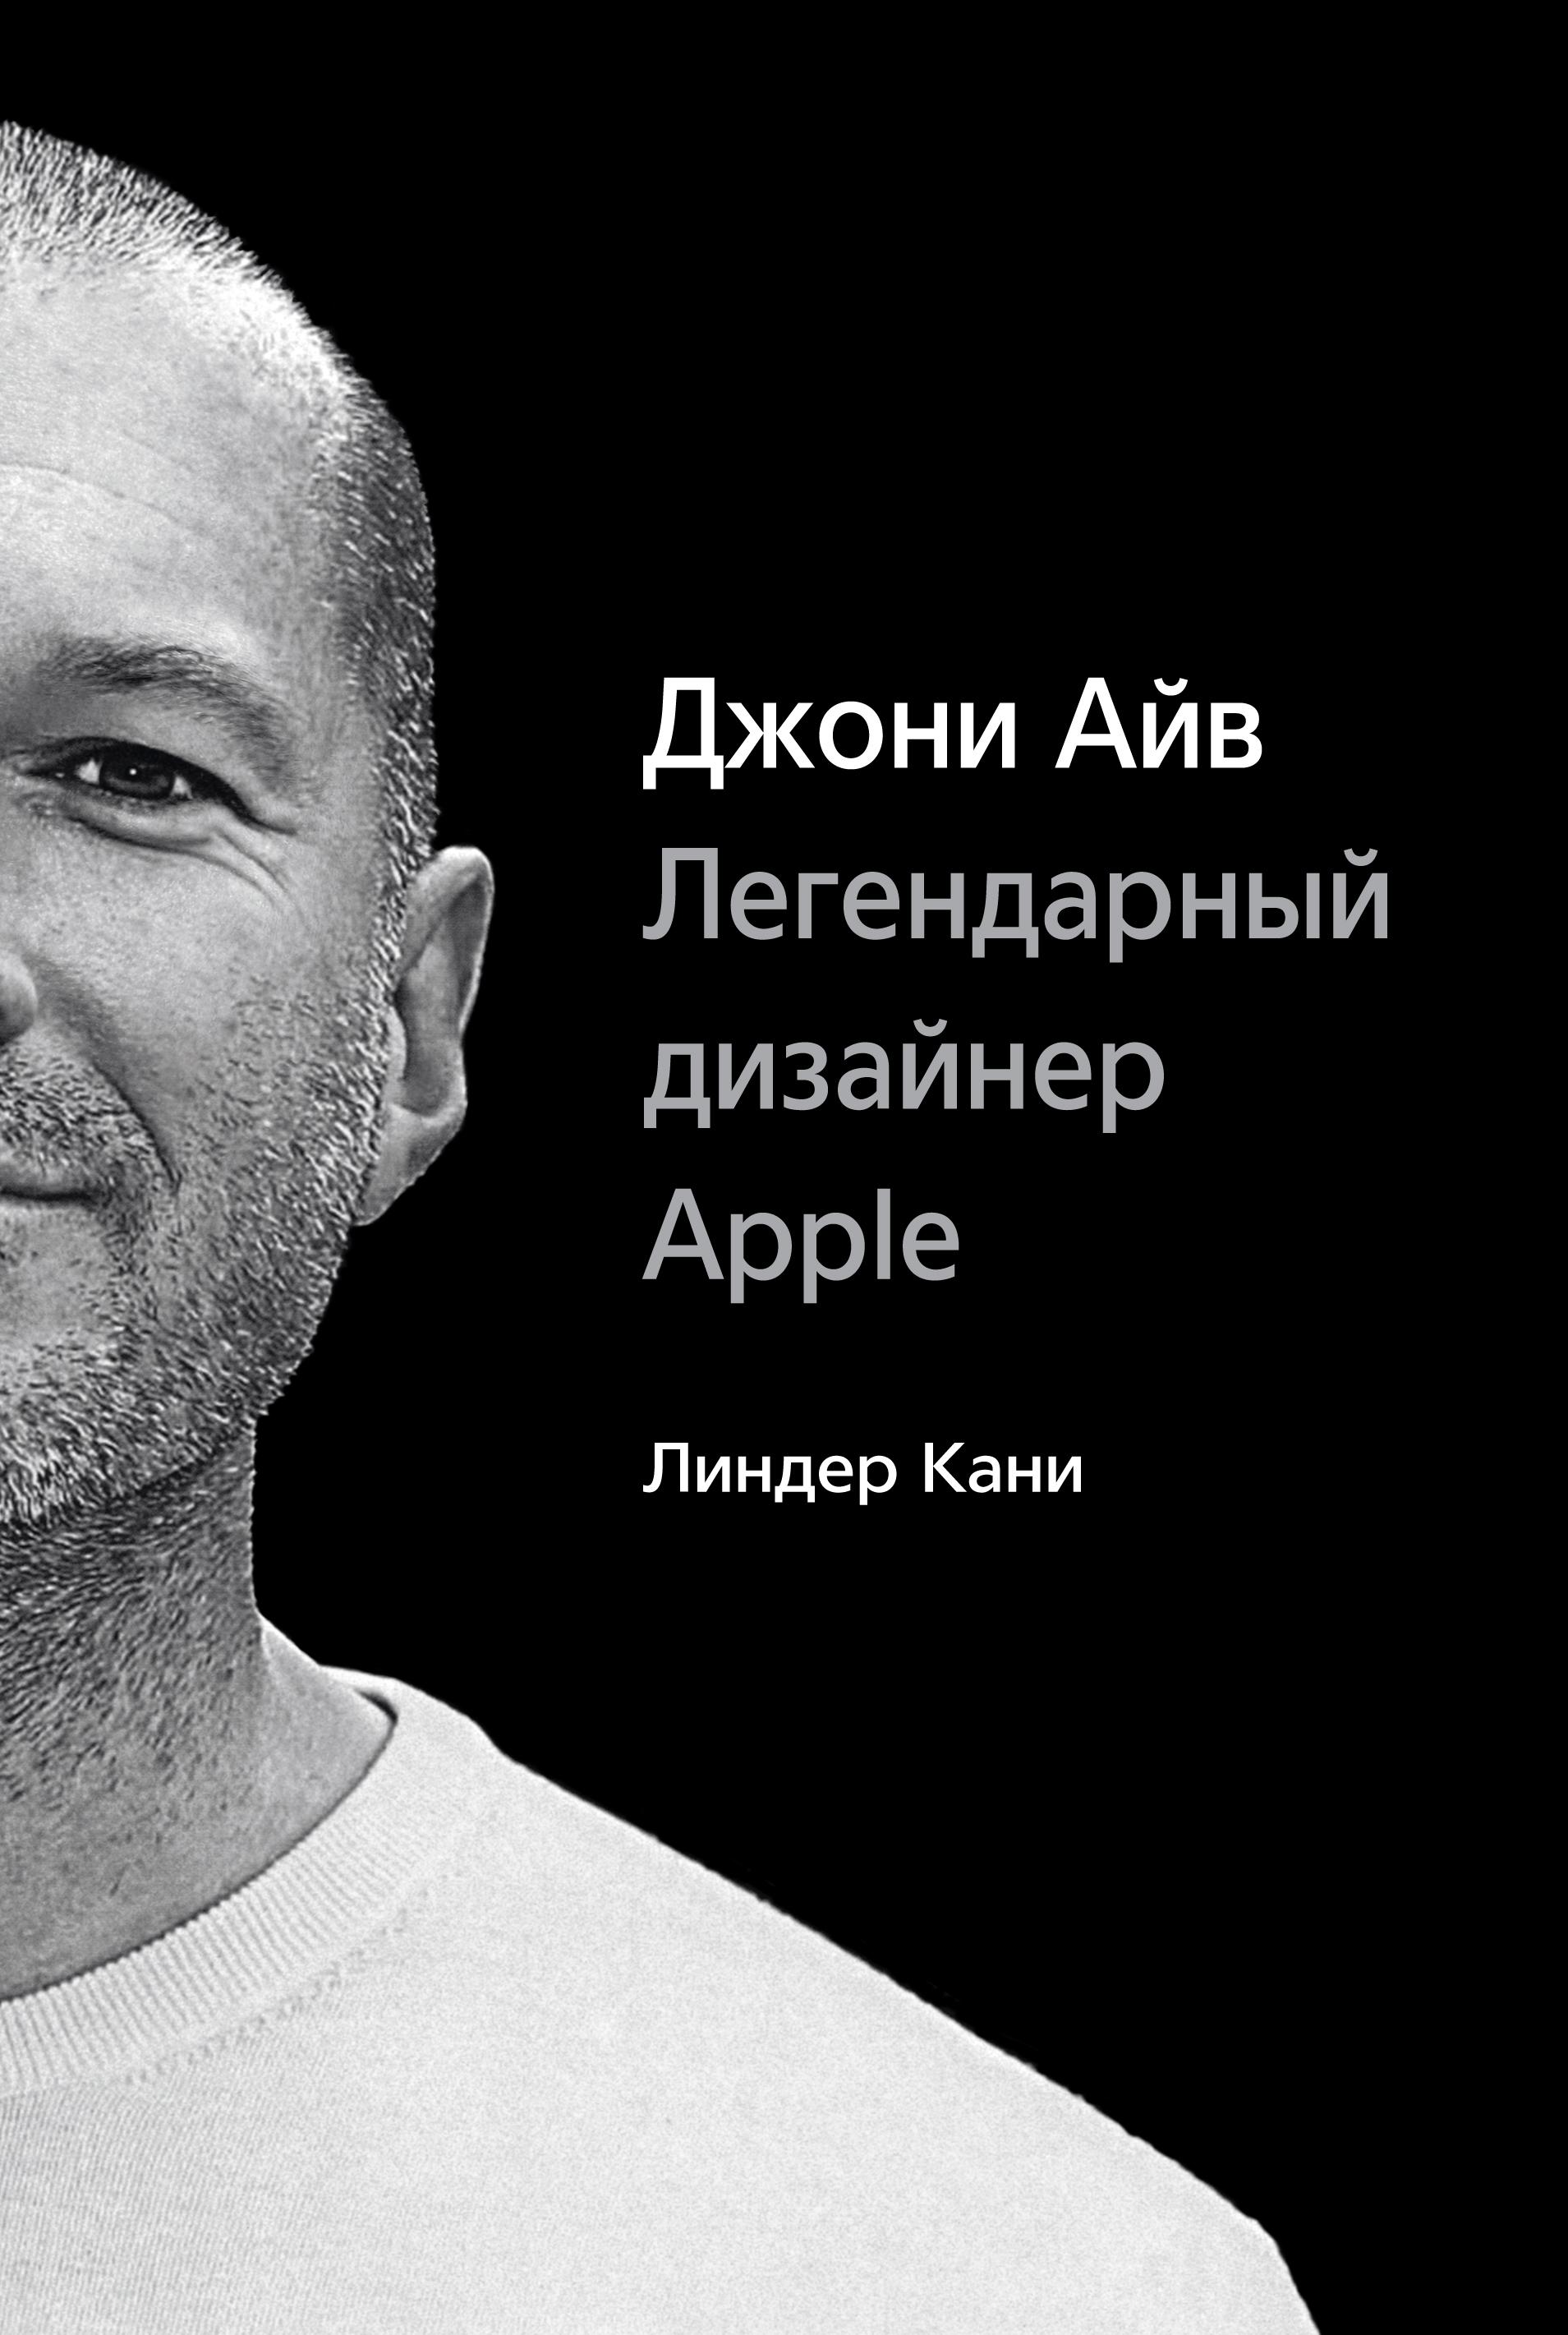 Джони Айв. Легендарный дизайнер Apple